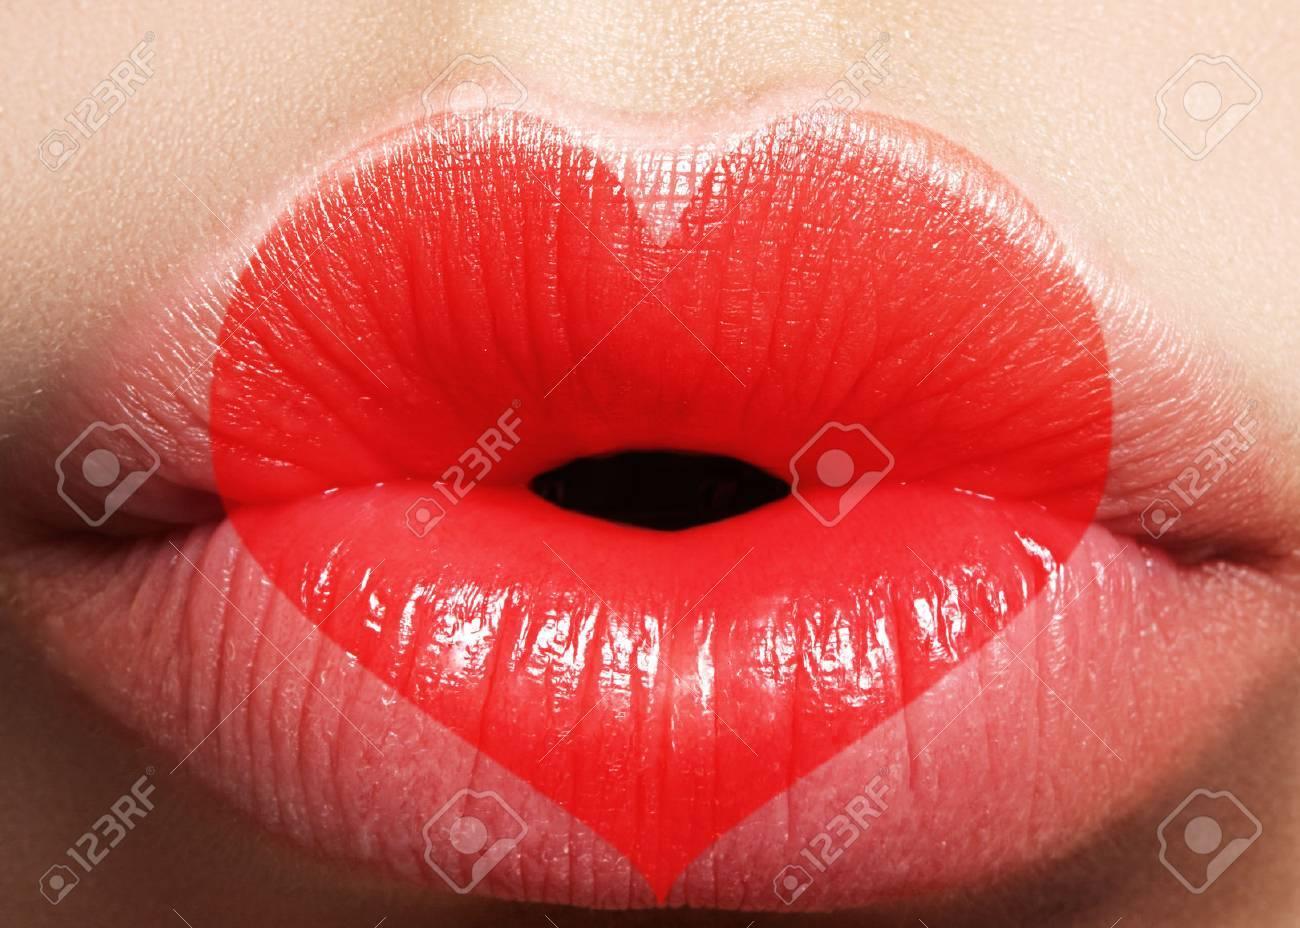 Coeur Saint Valentin Sur Les Belles Levres Feminines Doux Baiser Amour Maquillage Pour Valntines Day Coeur De Forme Mignon Comme Symbole De L Amour Celebrez Le Maquillage Pour Les Levres Sur Un Shoot Macro